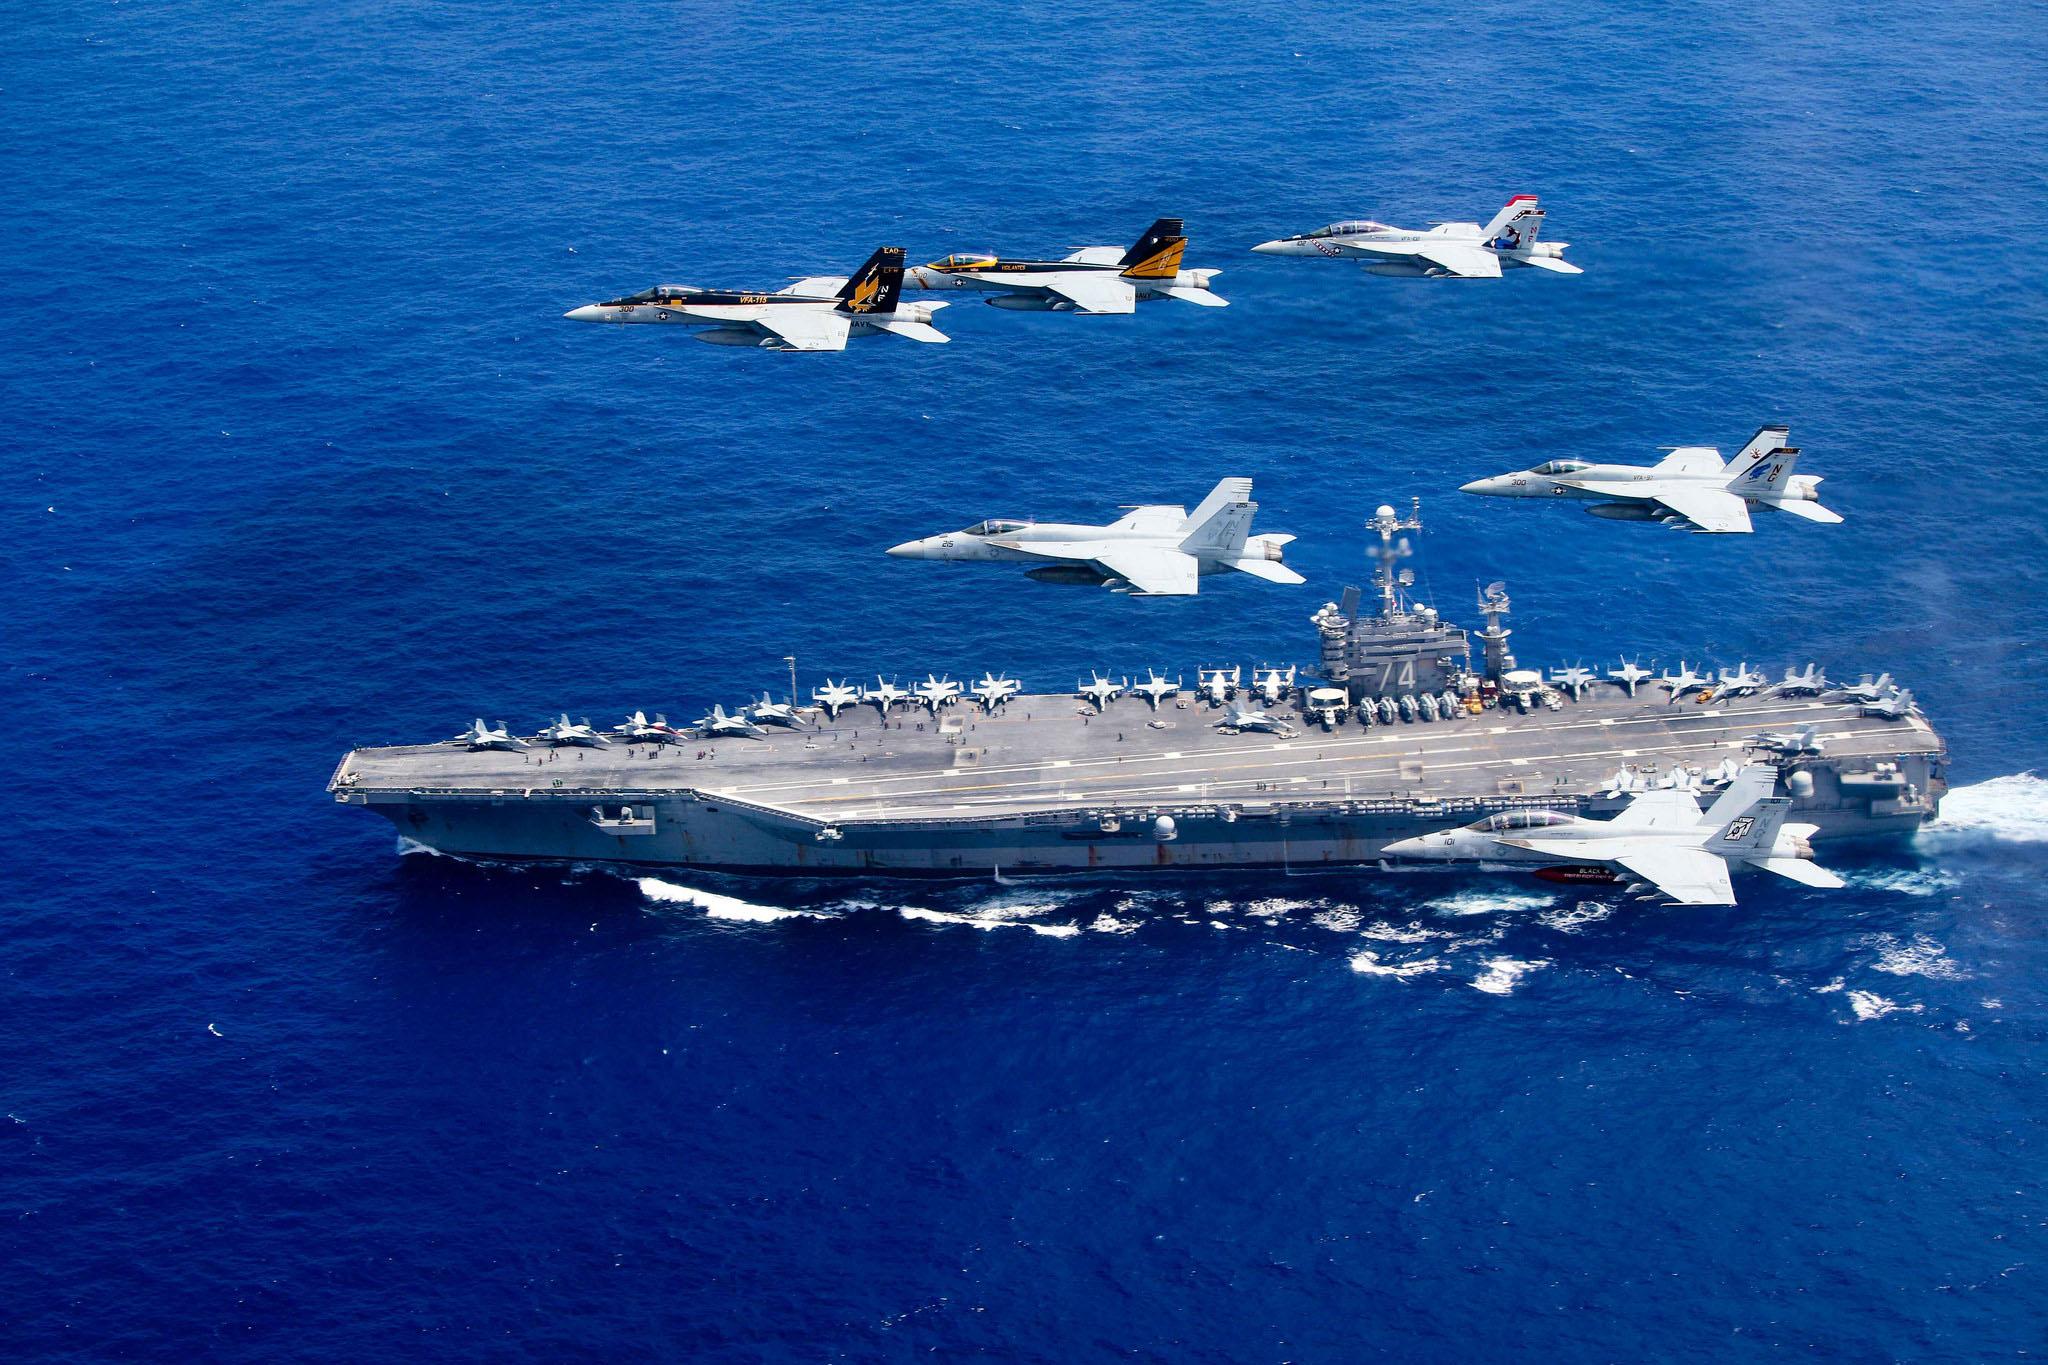 USS John C. Stennis (CVN 74) and USS Ronald Reagan (CVN 76) - 6